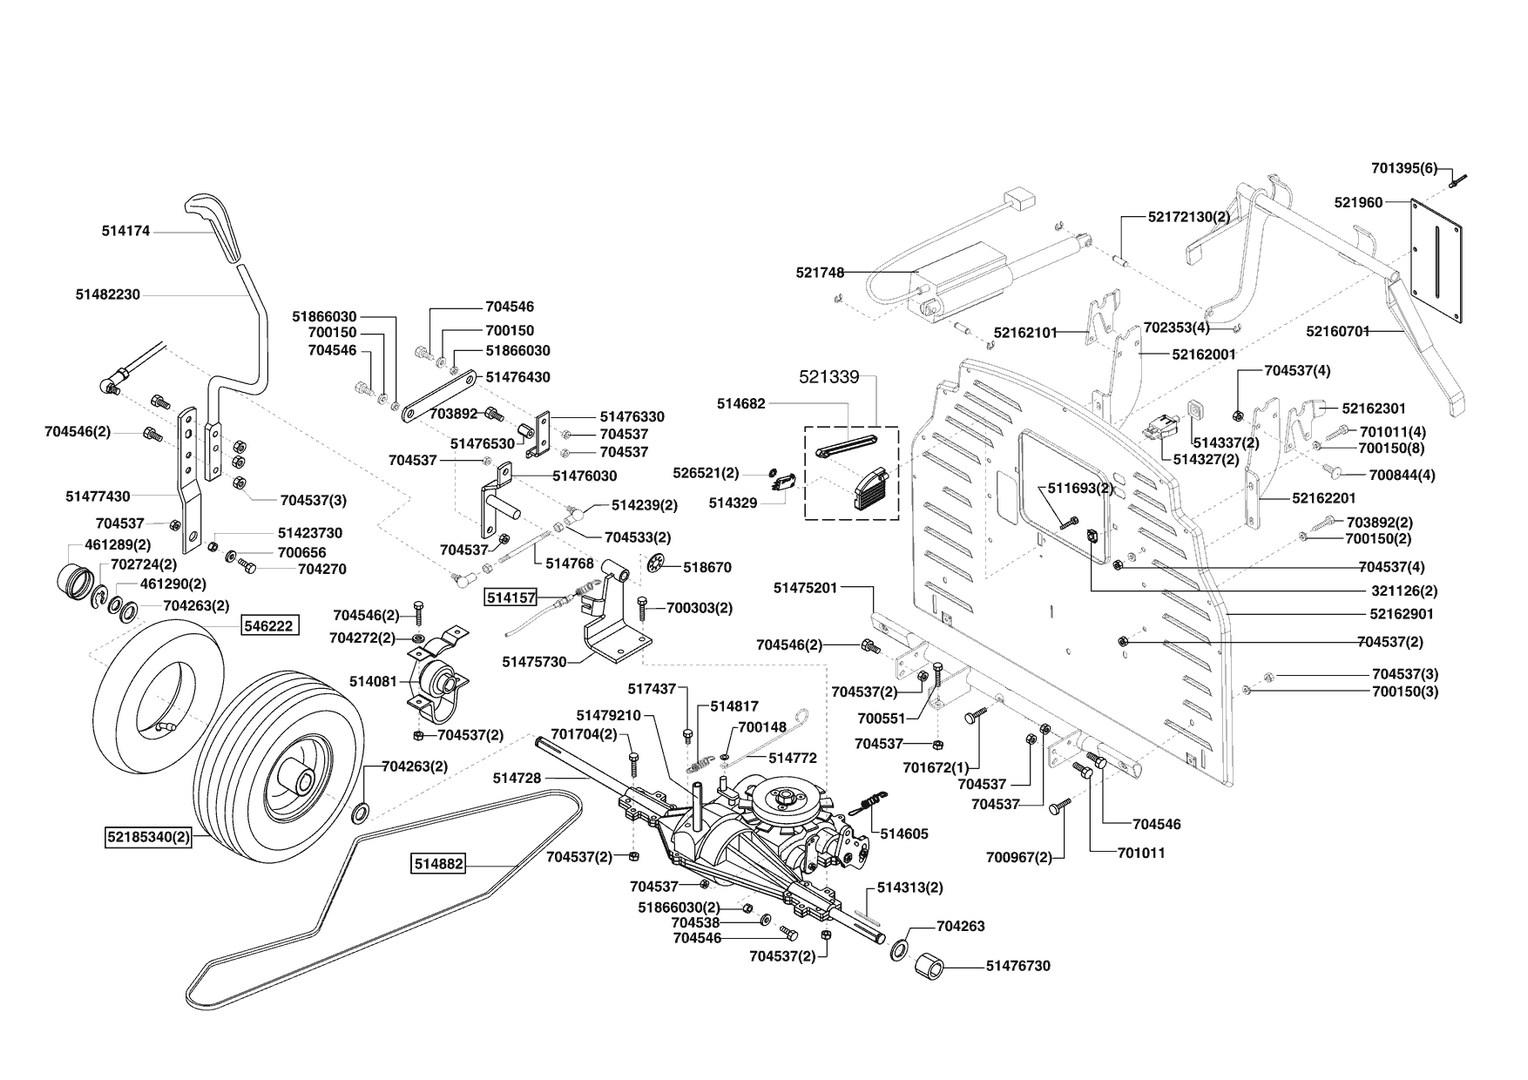 ersatzteile und zeichnung von al ko f r rasentraktor t20 102 hde tob. Black Bedroom Furniture Sets. Home Design Ideas